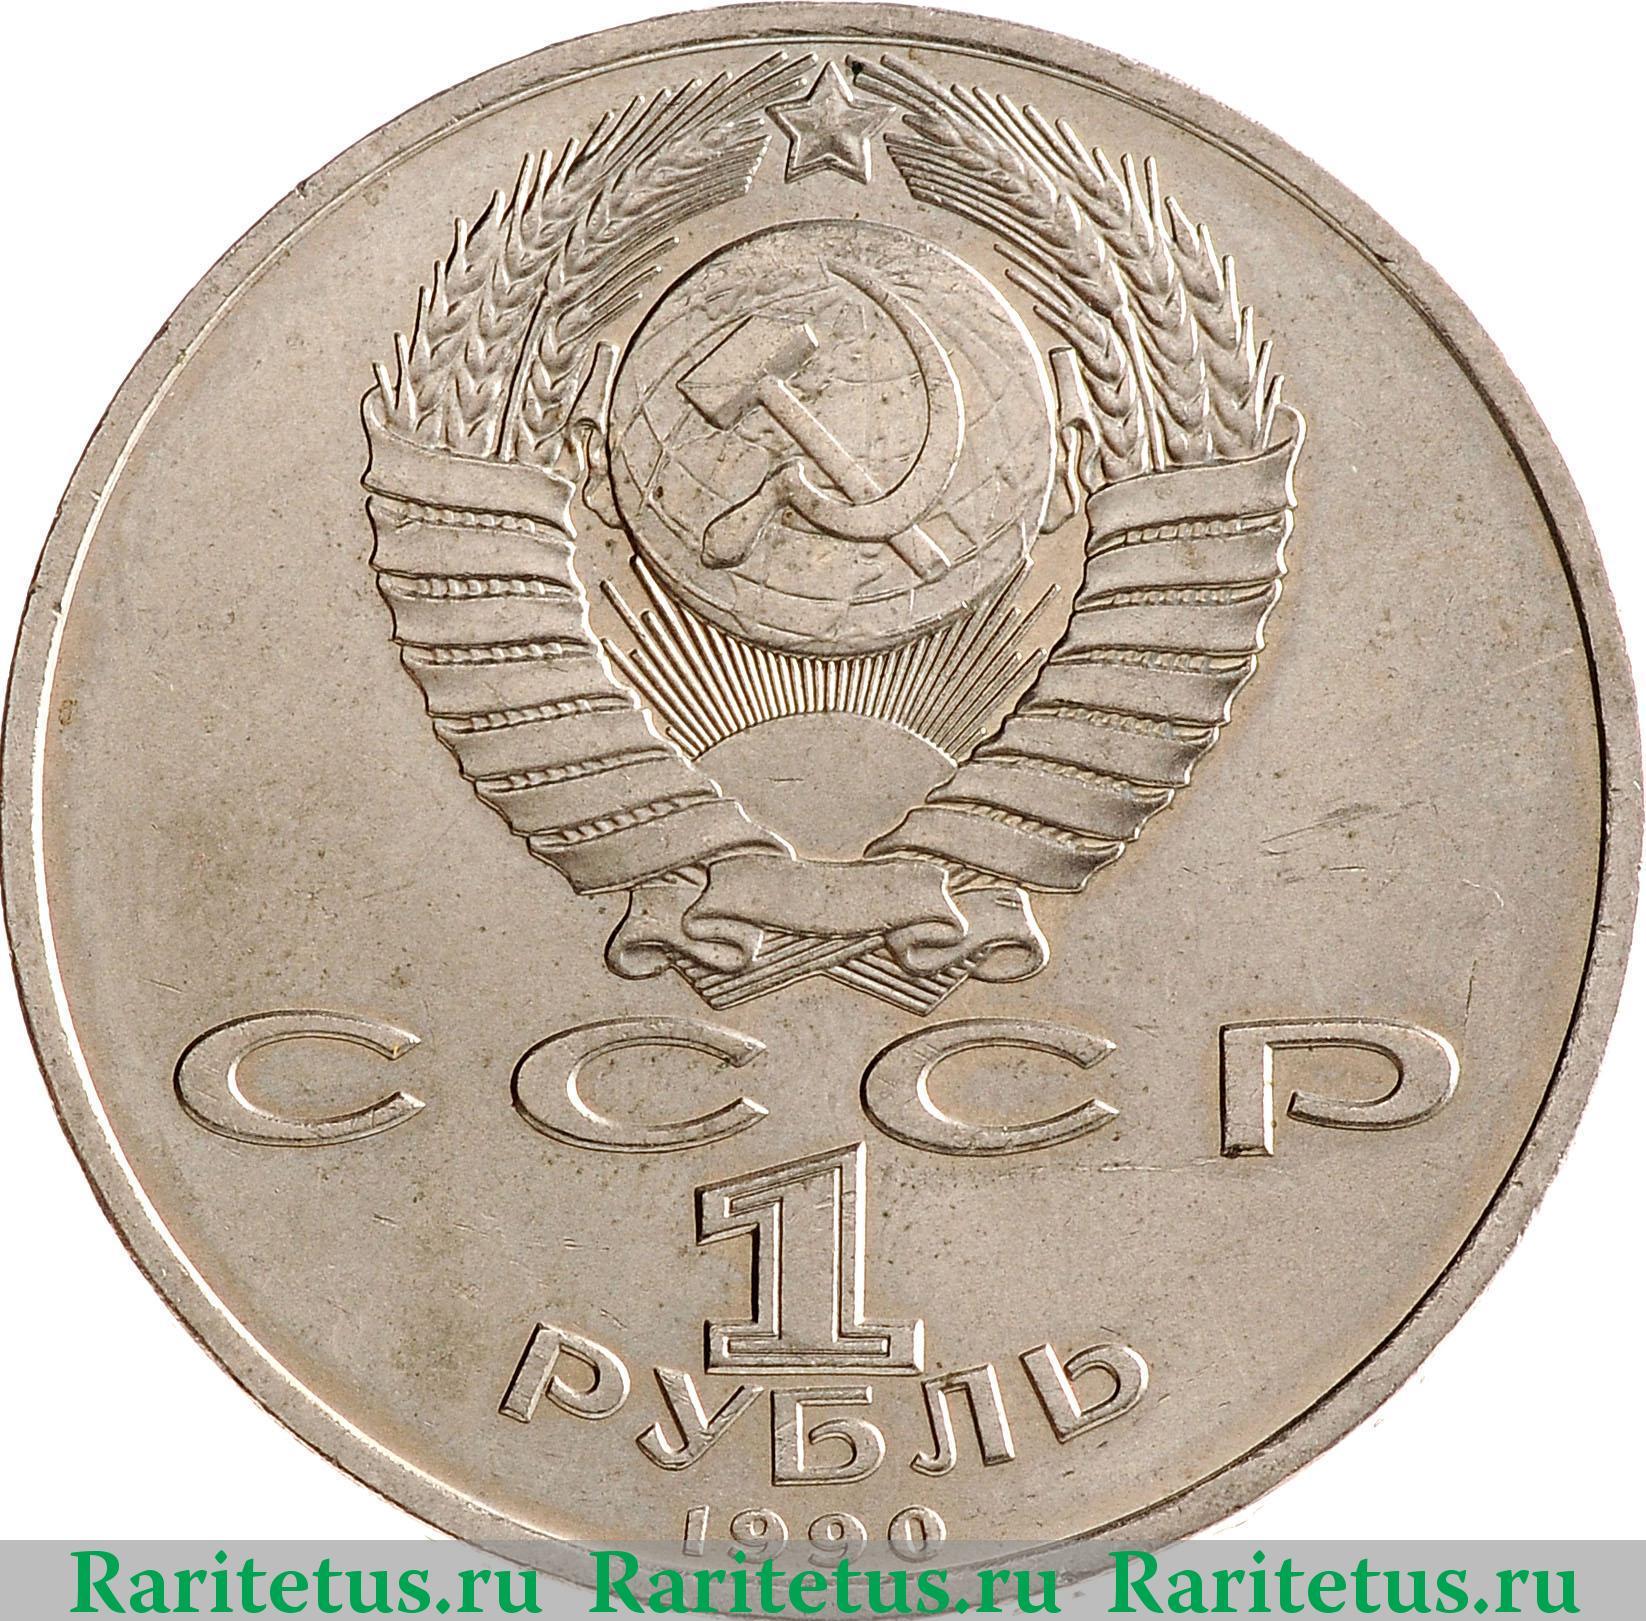 Стоимость монеты 1 рубль 1990 года цена пол копейки 1912 года цена